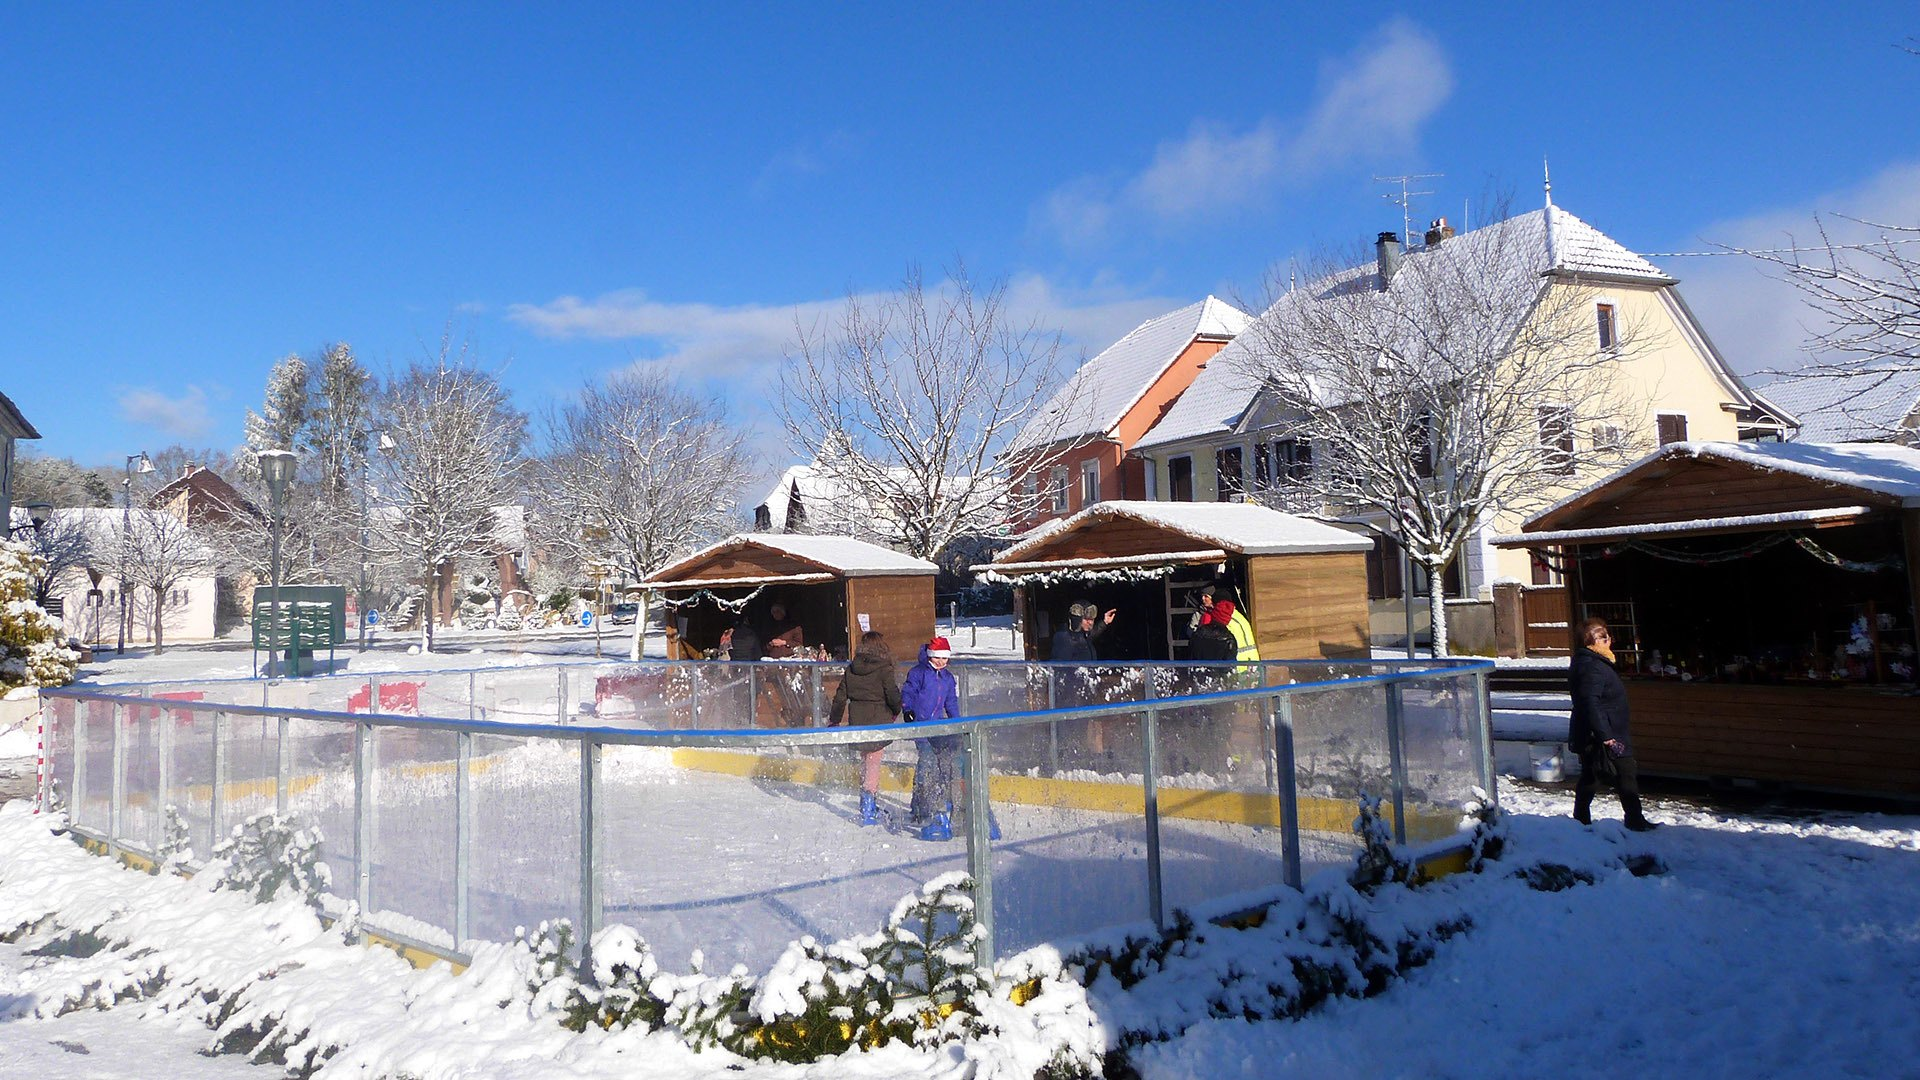 La patinoire du marché de Noël de Heimsbrunn